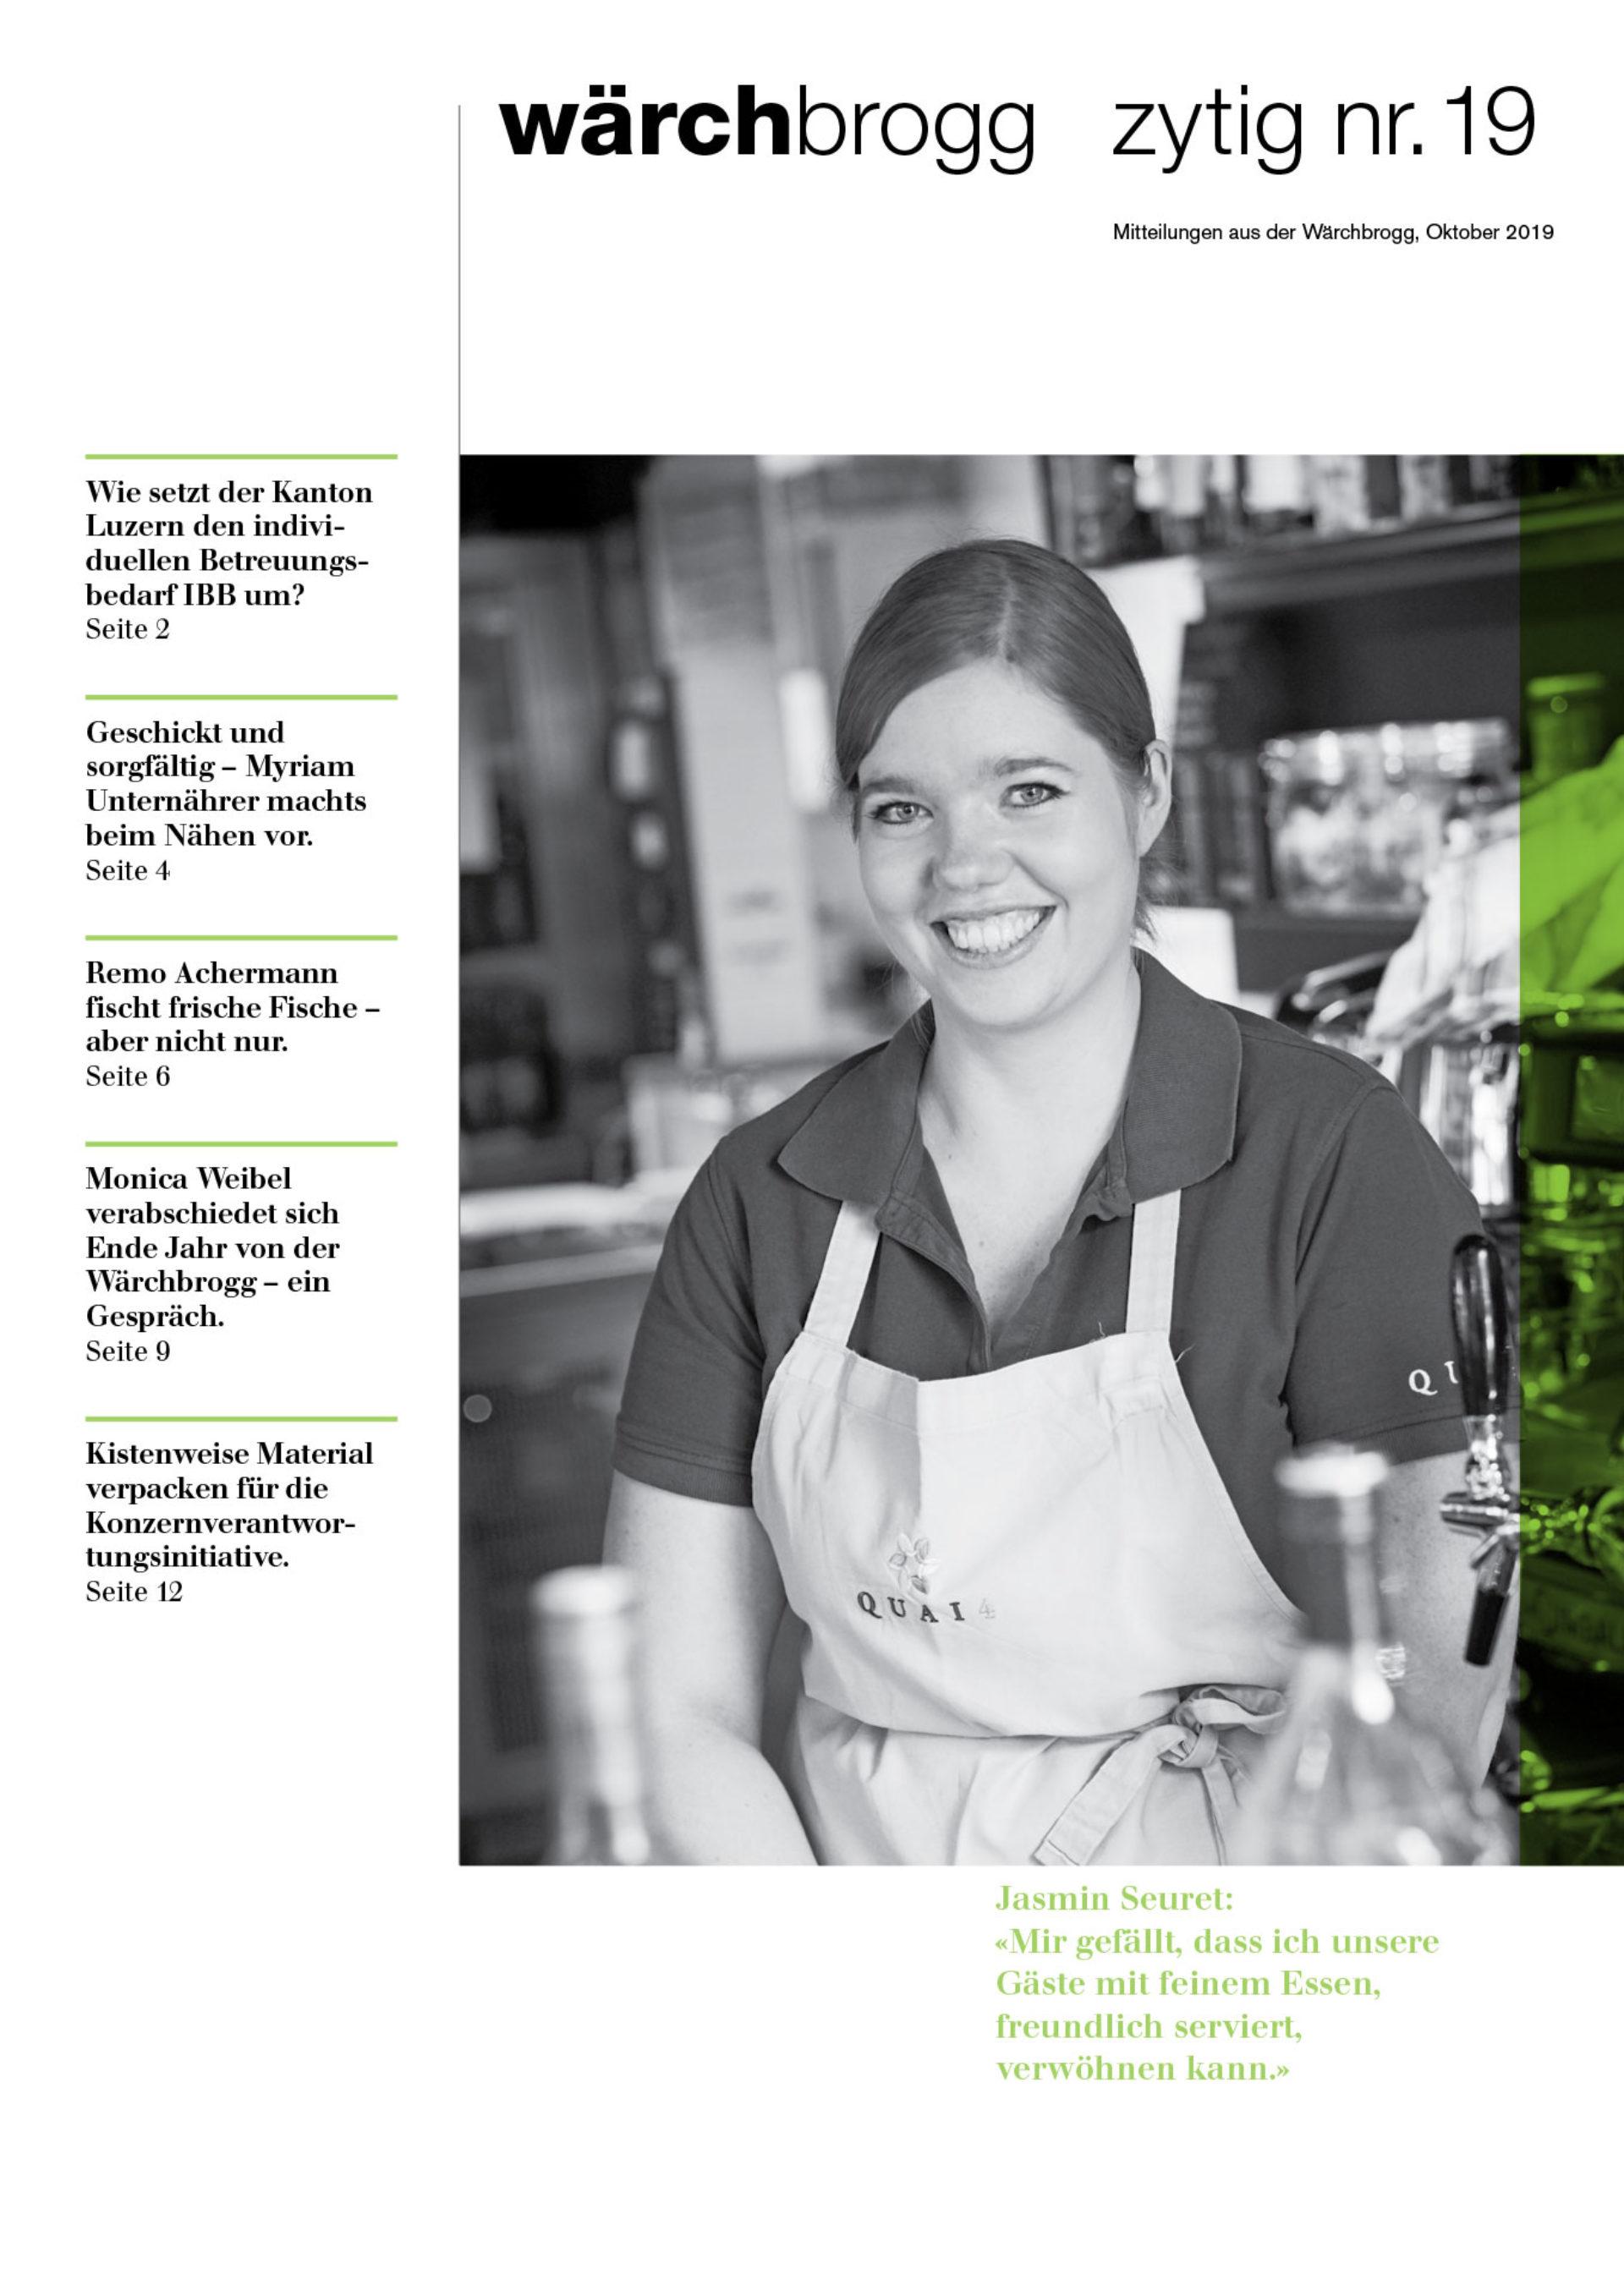 Die Wärchbrogg-Zytig Nr. 19 mit spannenden Berichten über unsere Mitarbeitenden, Fachpersonen und Kundenmeinungen.